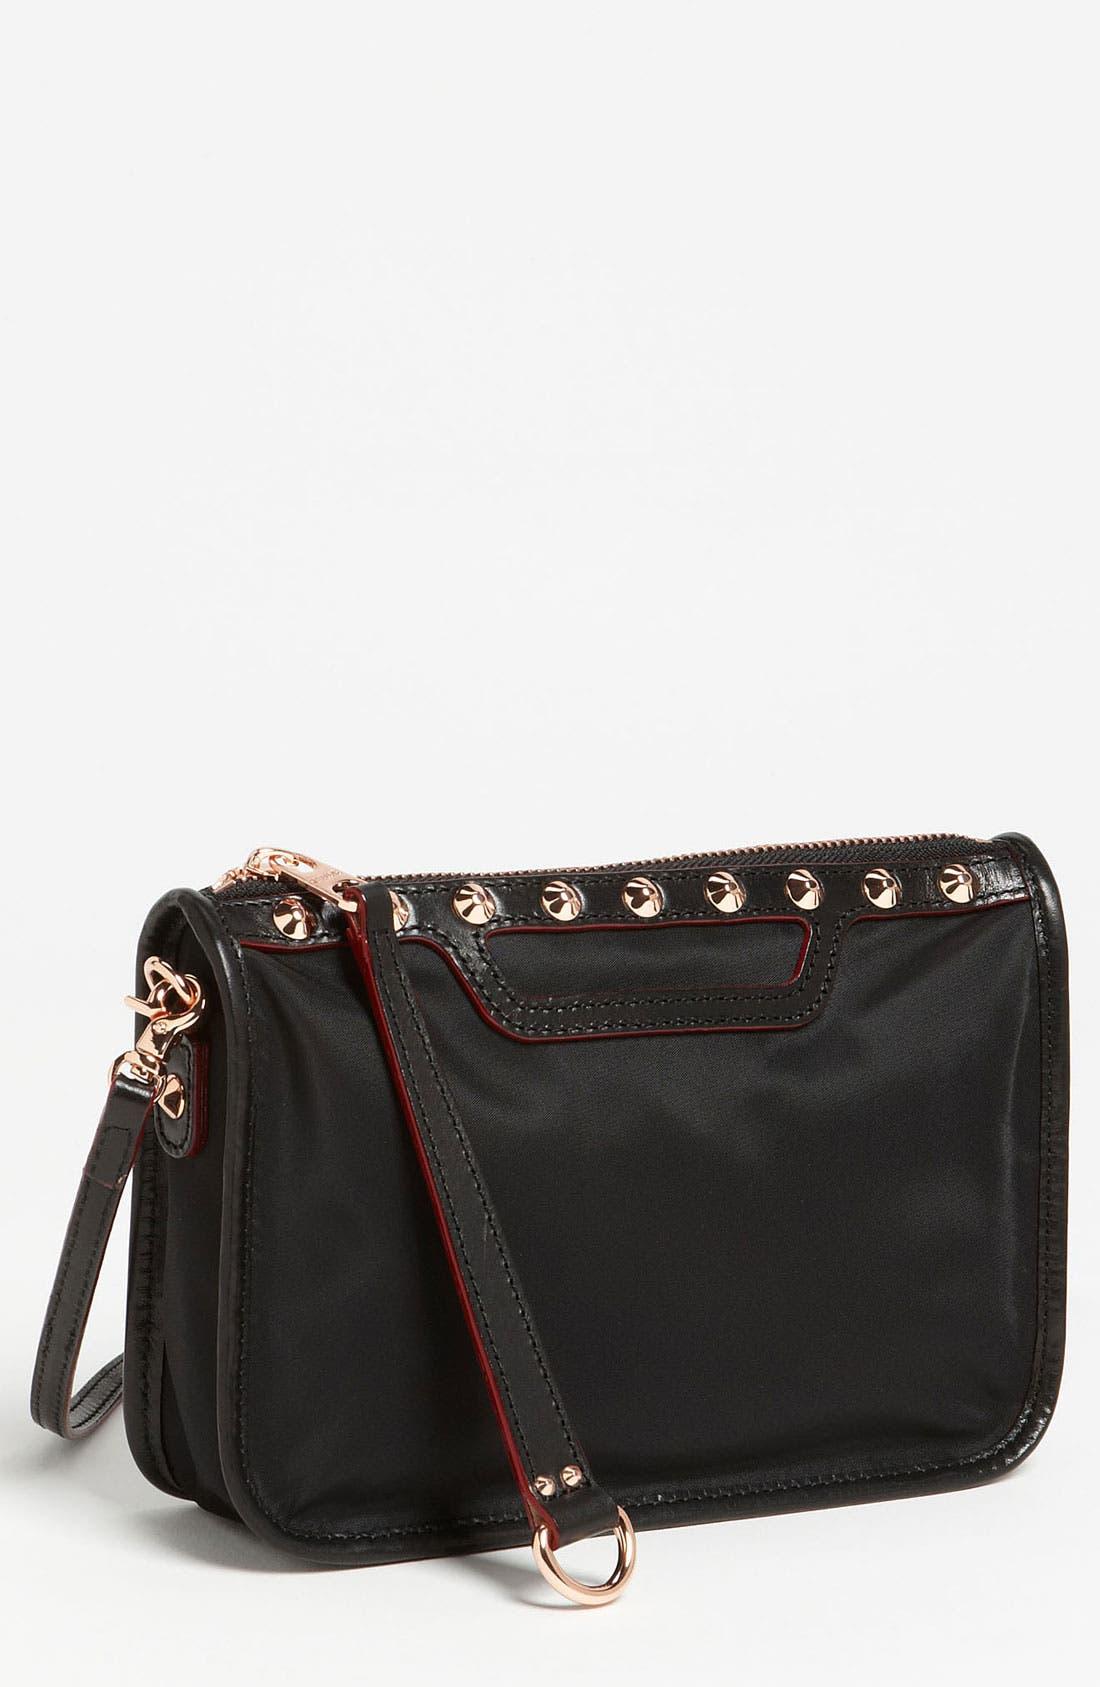 Main Image - MZ Wallace 'Daria' Crossbody Bag